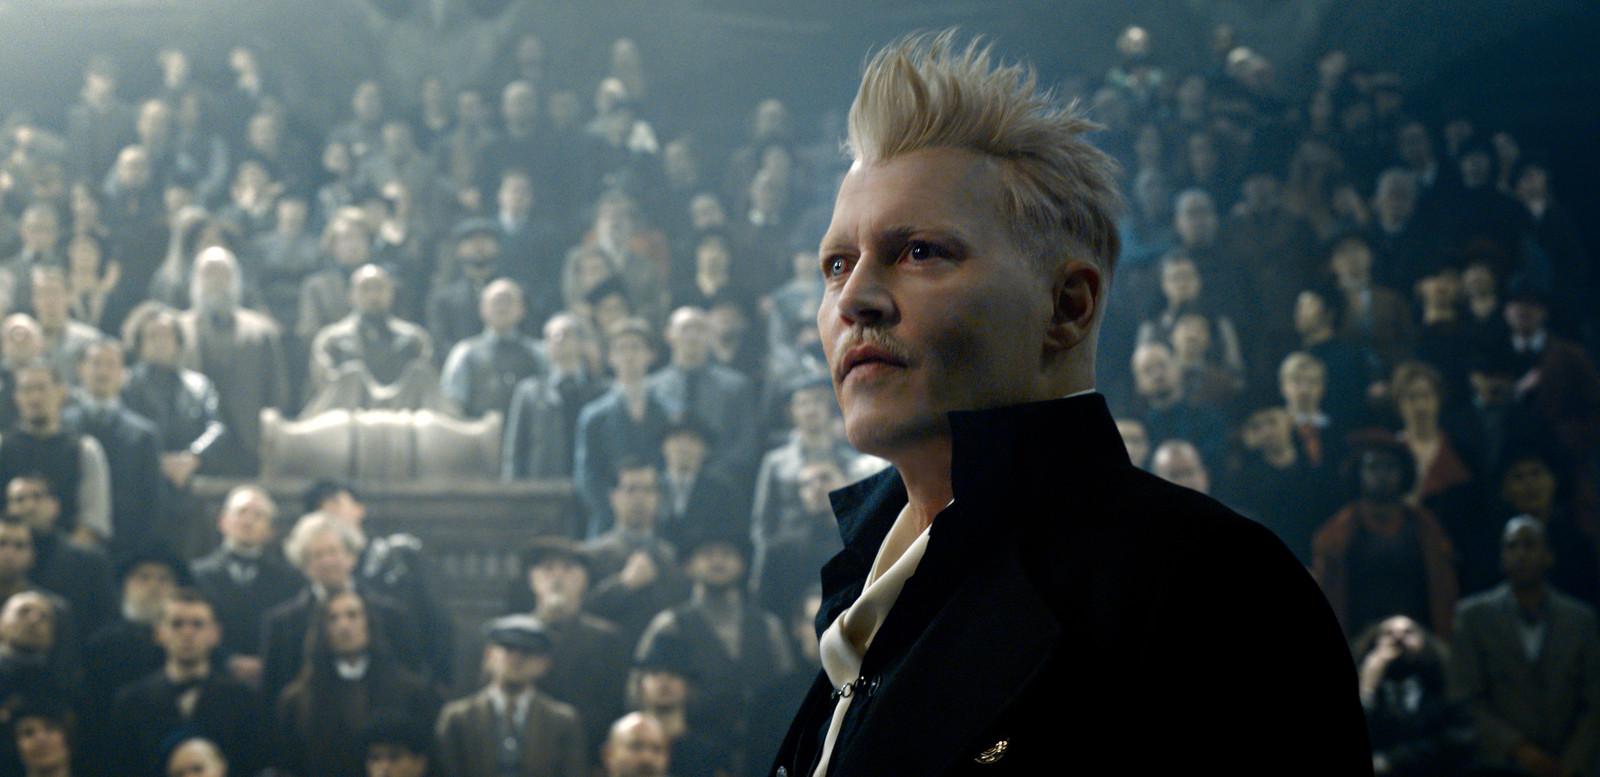 Johnny Depp als Grindelwald in Fantastic Beasts.